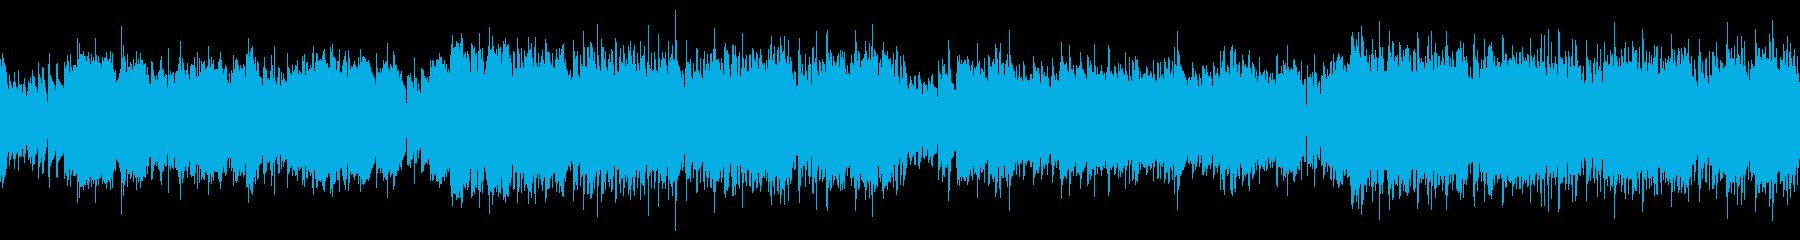 ループ・情熱的でかっこいいフラメンコの再生済みの波形